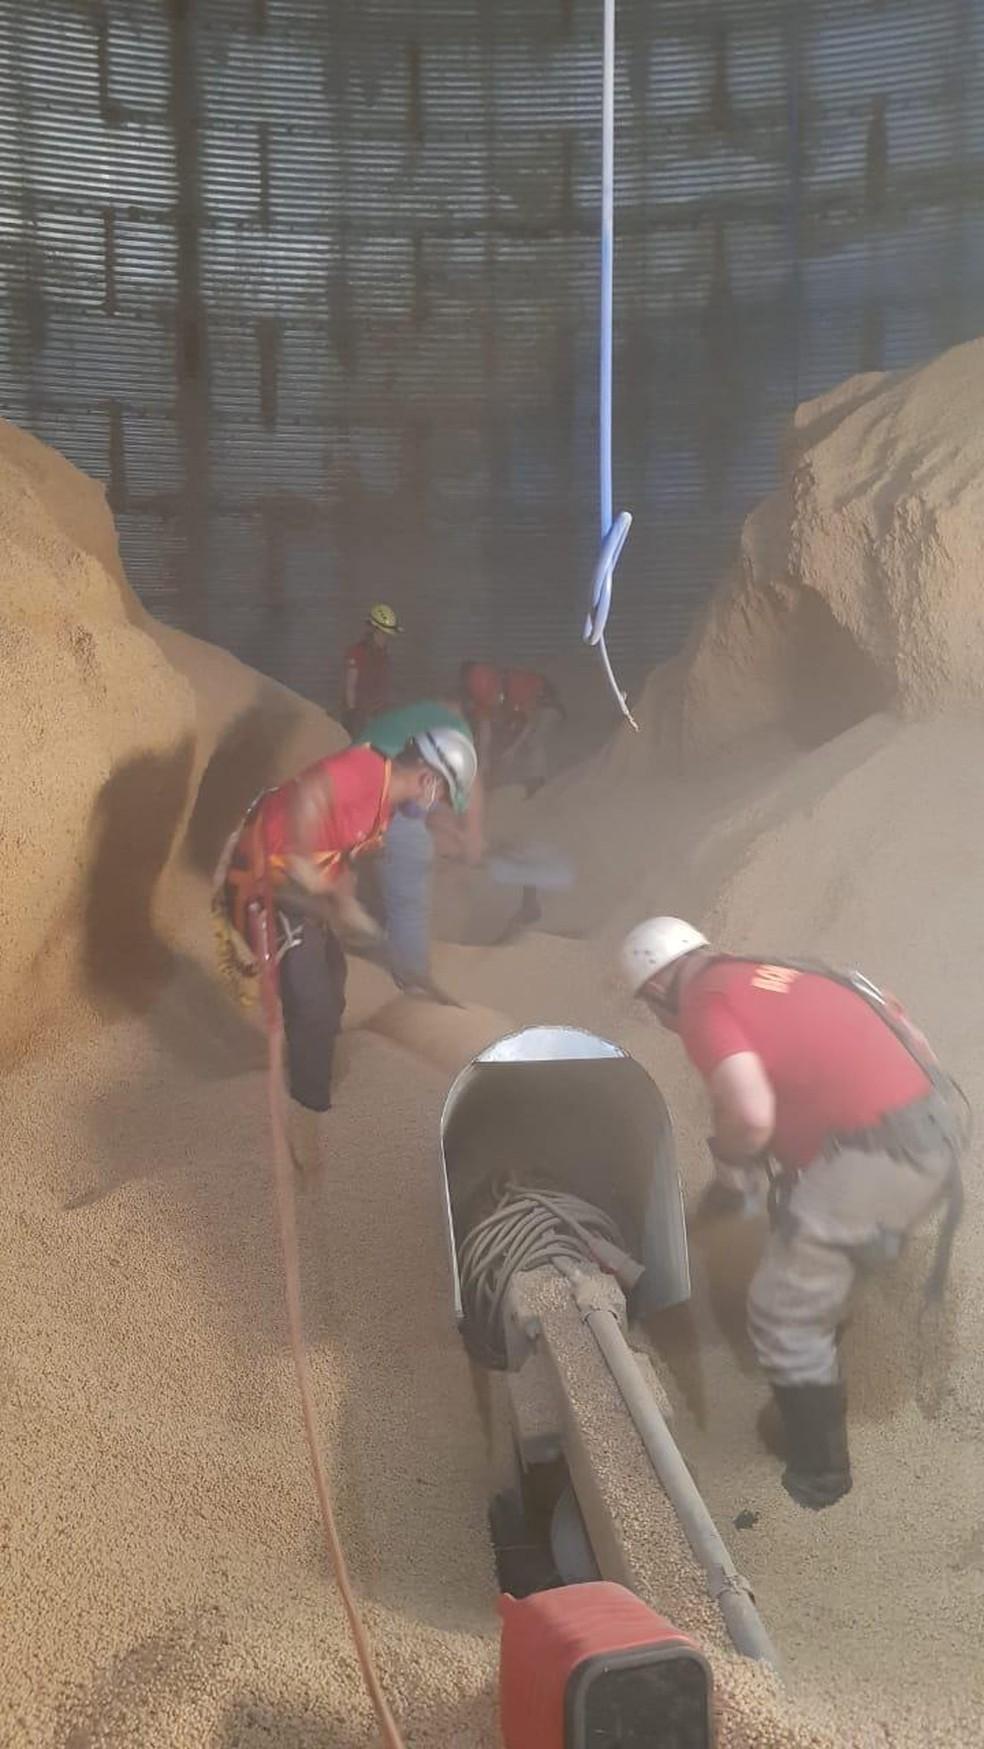 Equipe trabalha para encontrar corpo de trabalhador soterrado — Foto: CBM/MT